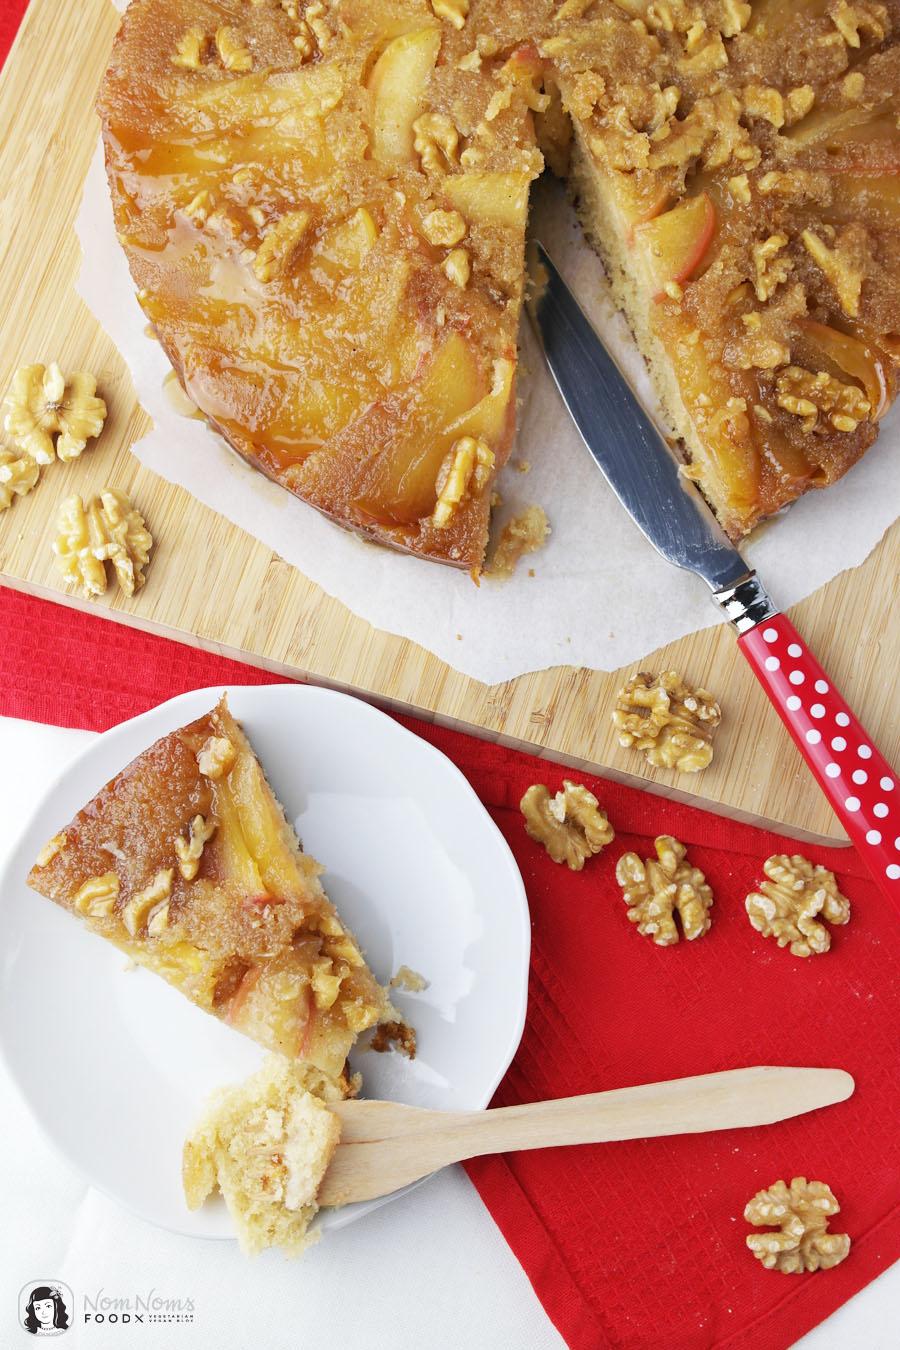 Salz-Karamell Upside Down Apfelkuchen | Apfelbäckchen - die große Apfelkuchen-Liebe